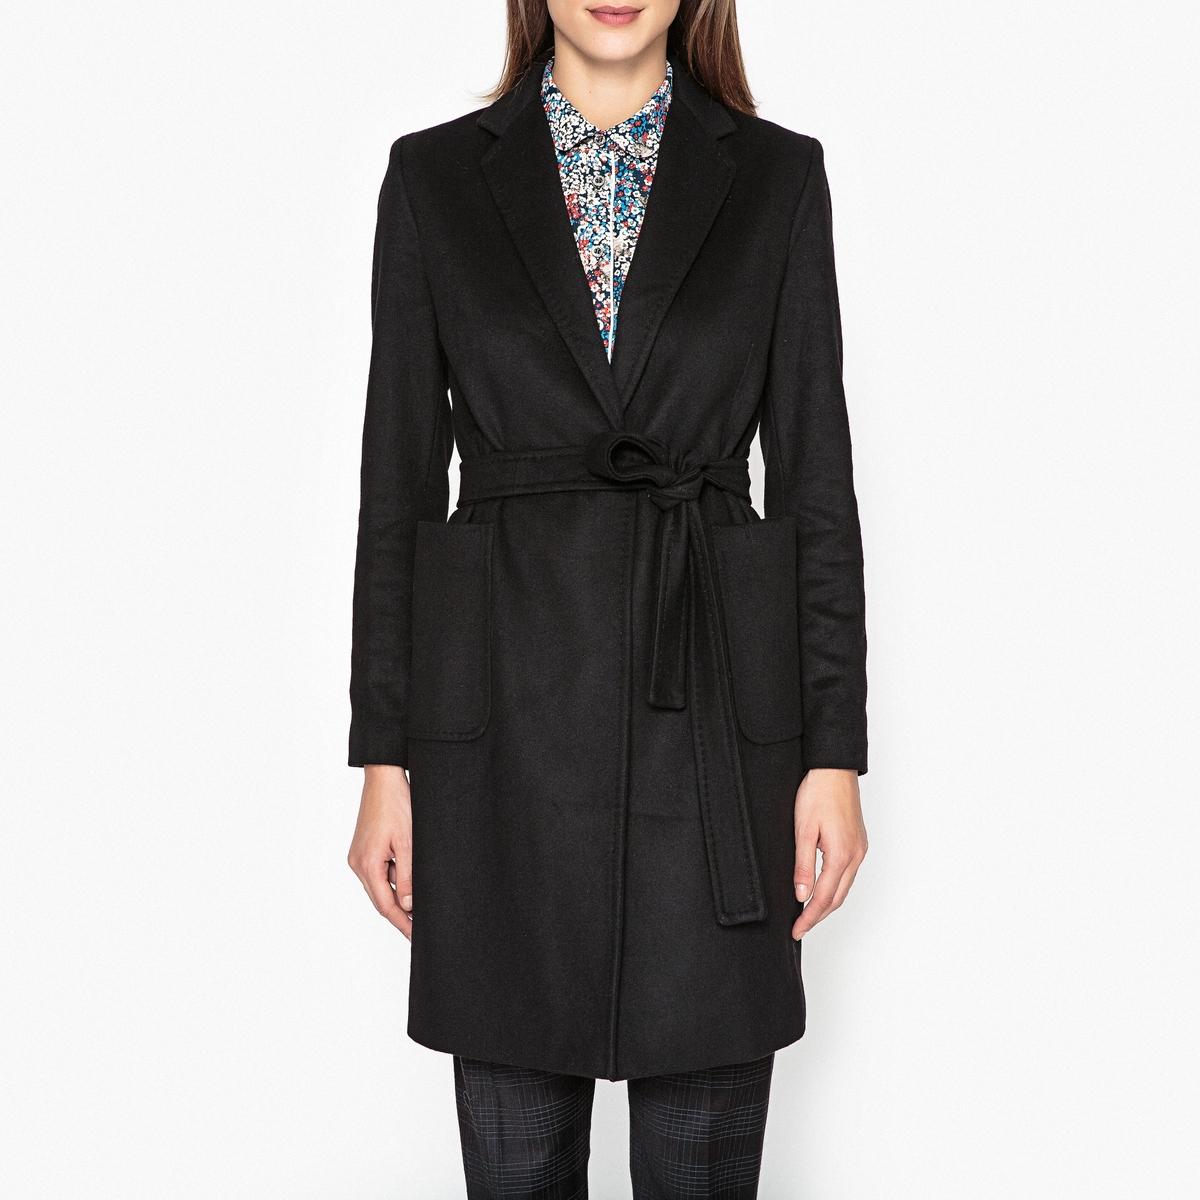 Пальто с поясом CARMEN пальто двухцветное с поясом 70% шерсти